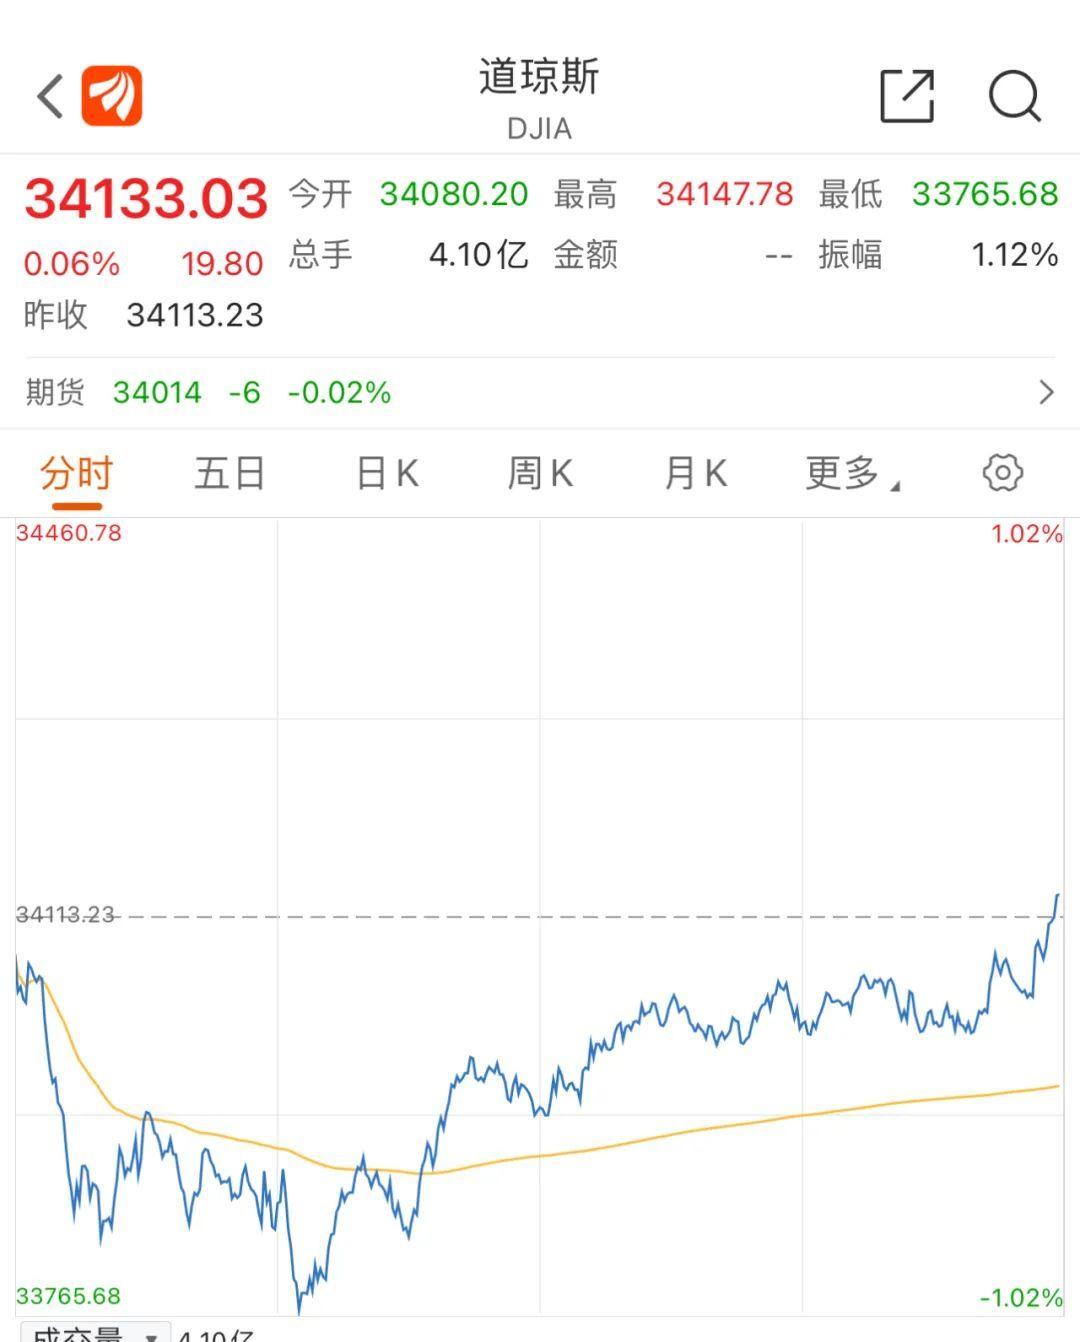 美股盘中大跌,耶伦澄清:未预测加息!拜登考虑修改中国股票禁令?G7声称不再遏制中国...